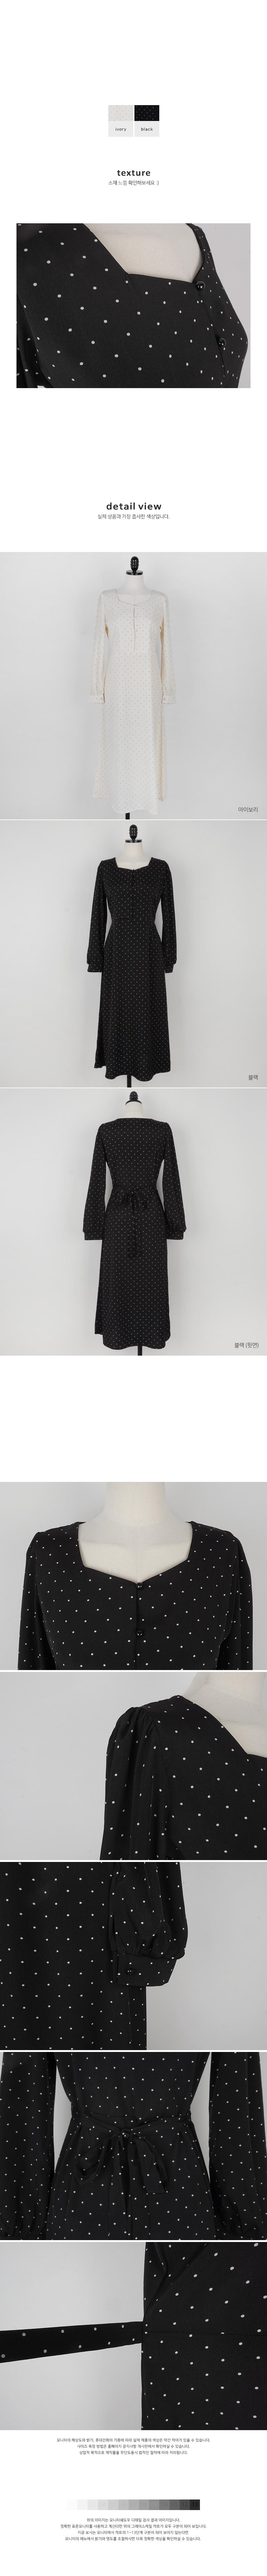 Square dot long dress